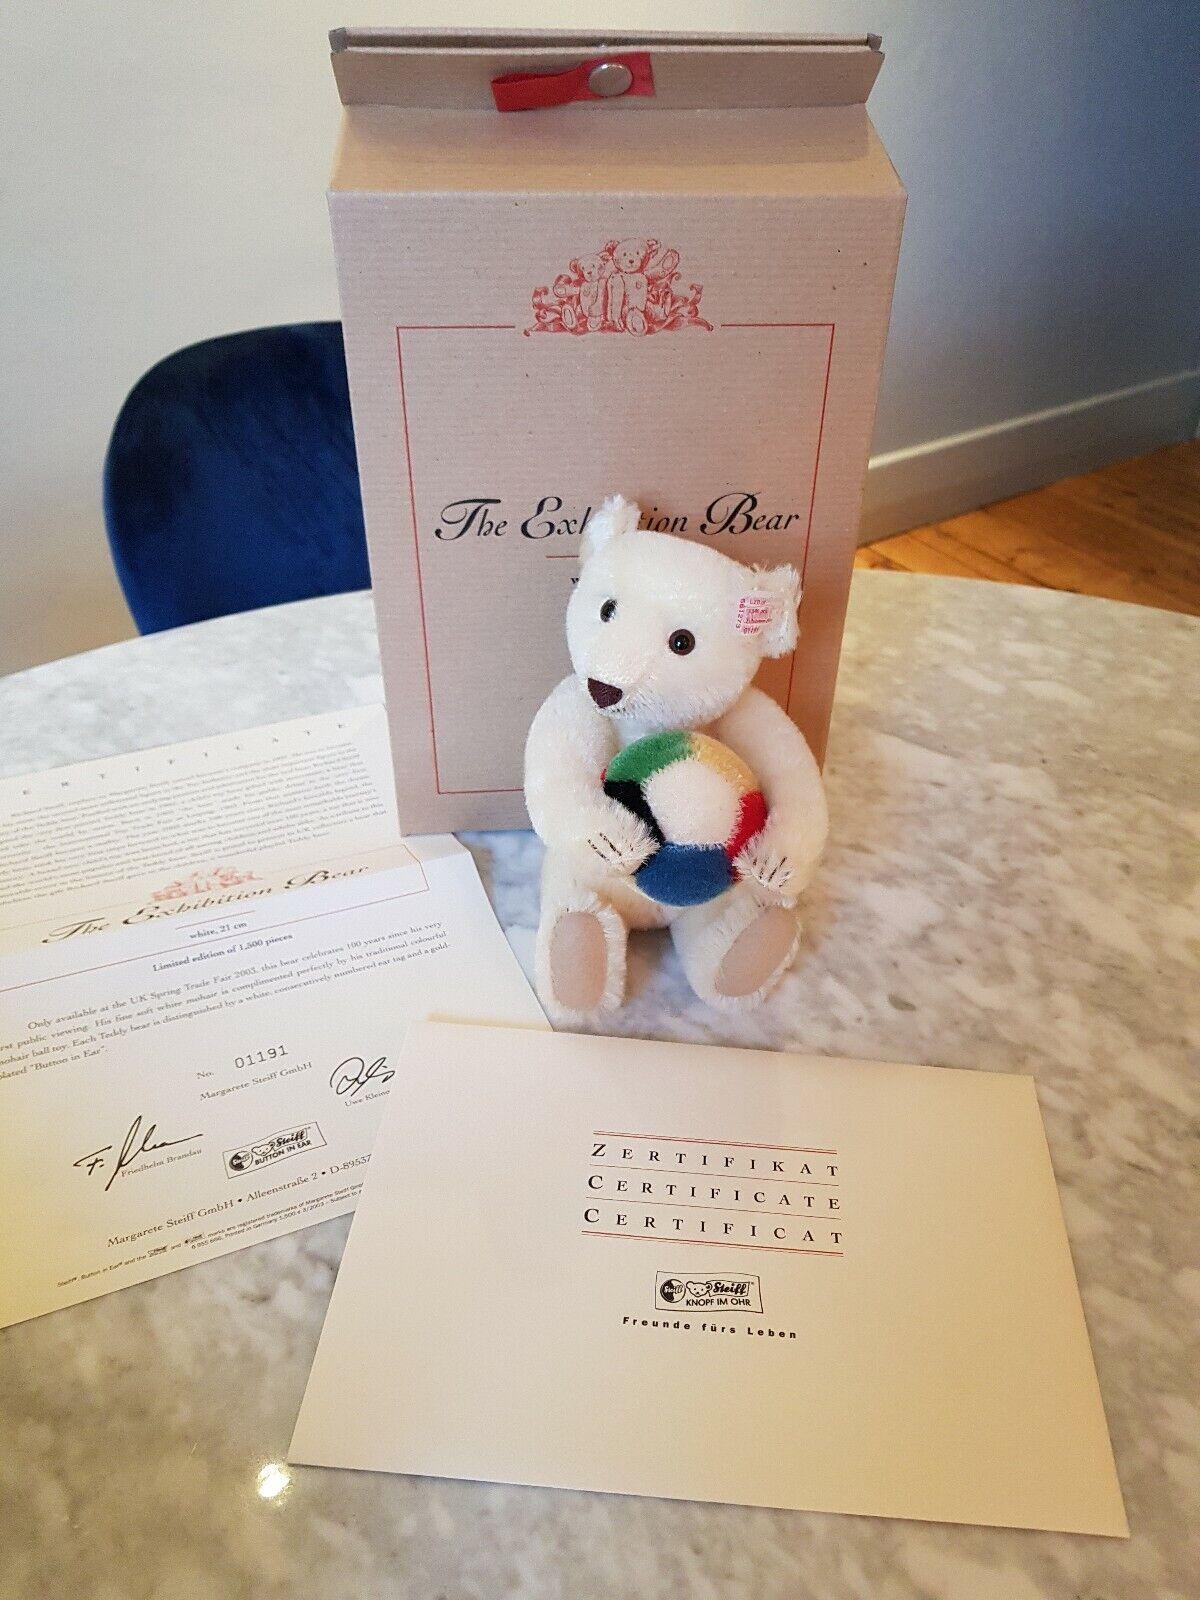 BRAND NEW Steiff teddy bear with football EAN 661273, an ideal Christmas gift